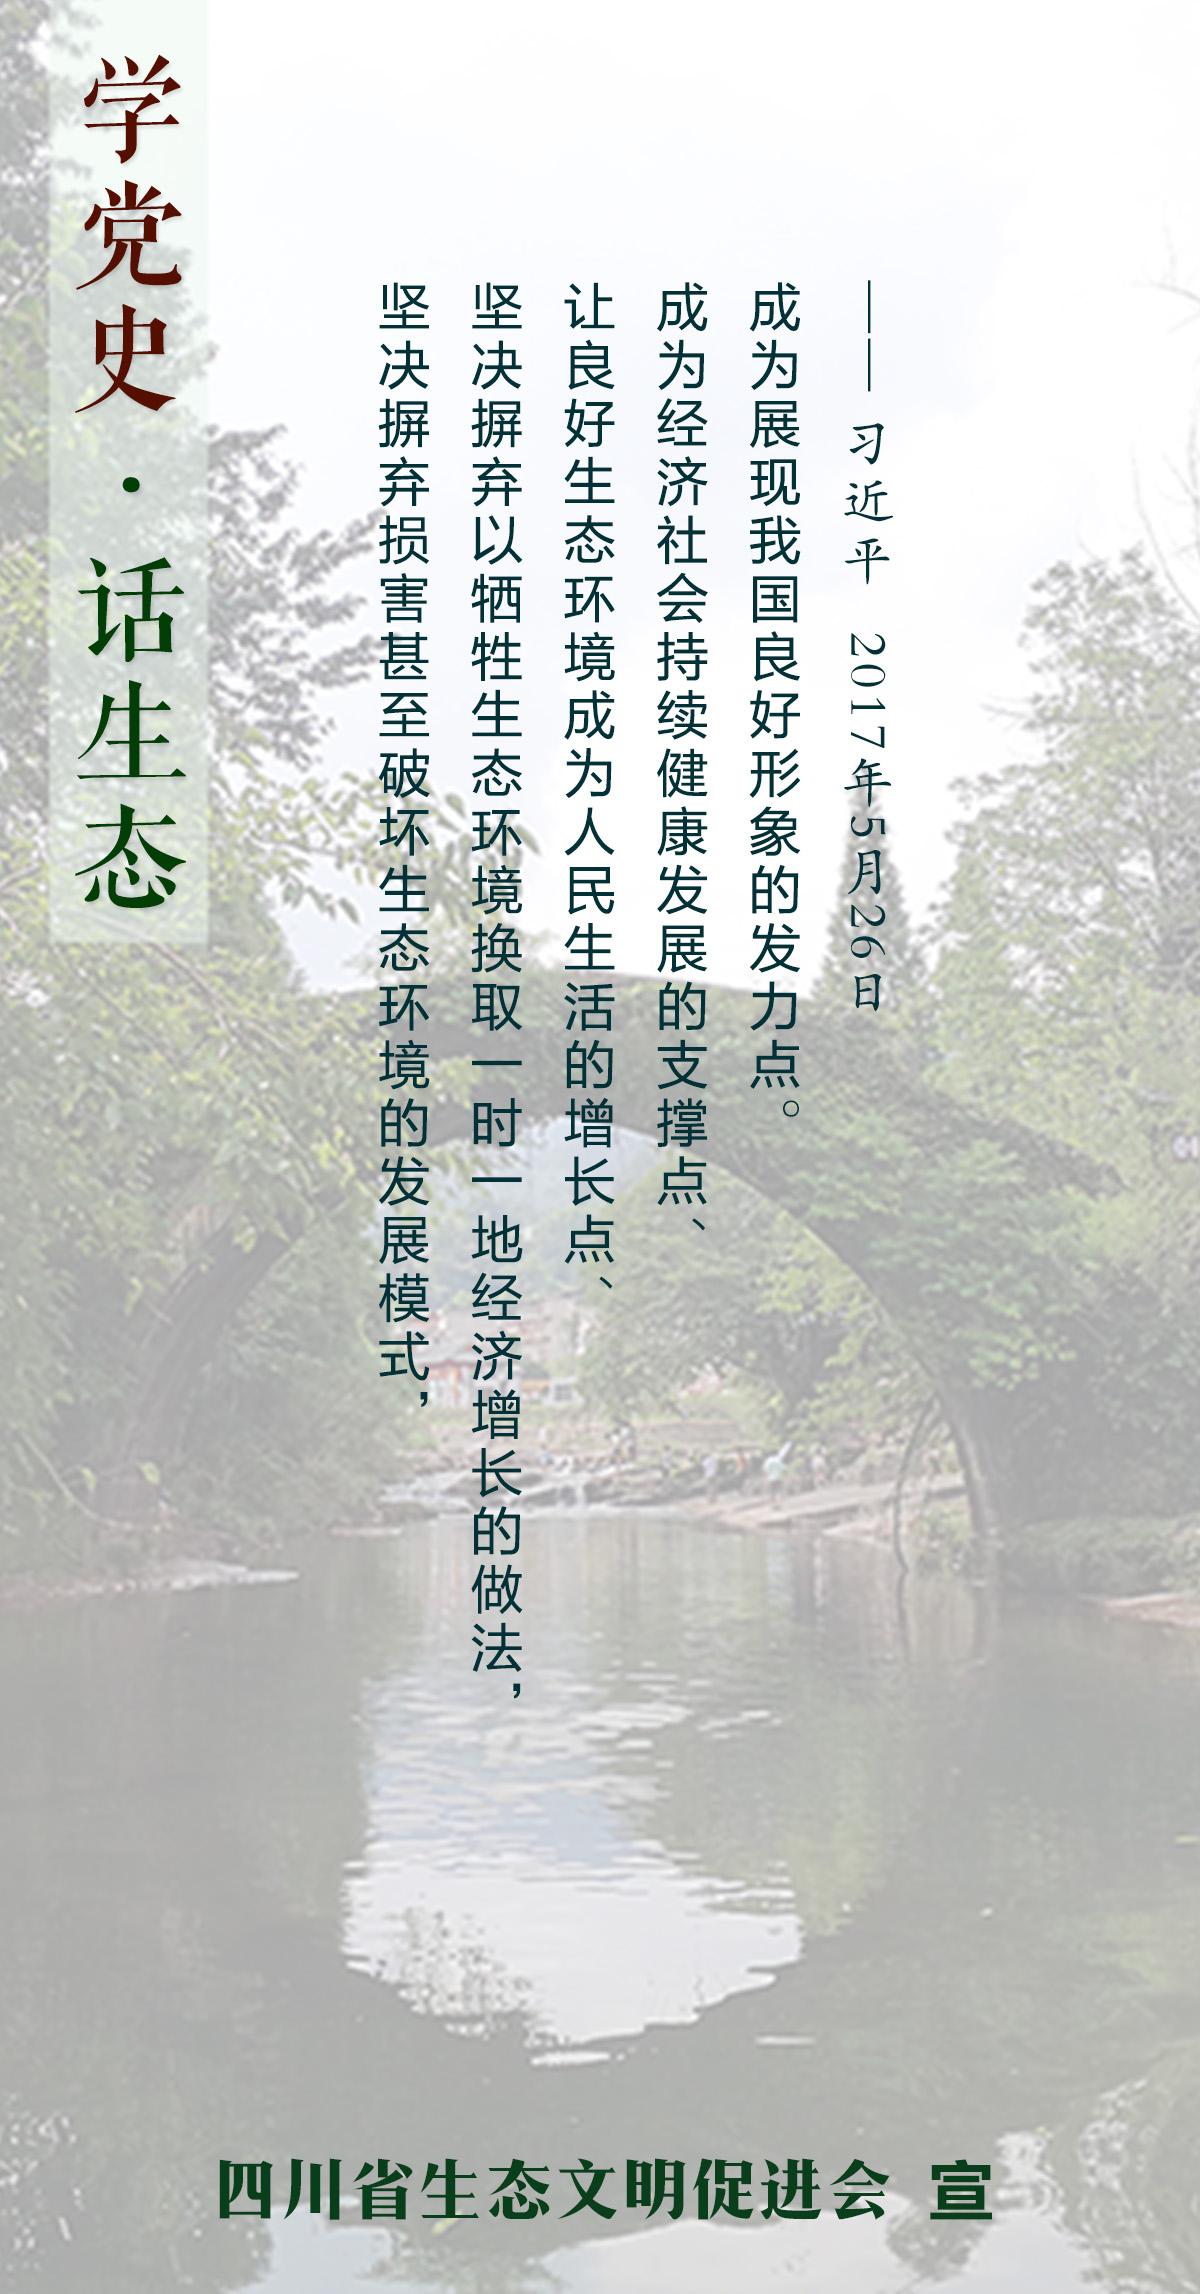 学党史话生态-摒弃牺牲环境发展.jpg